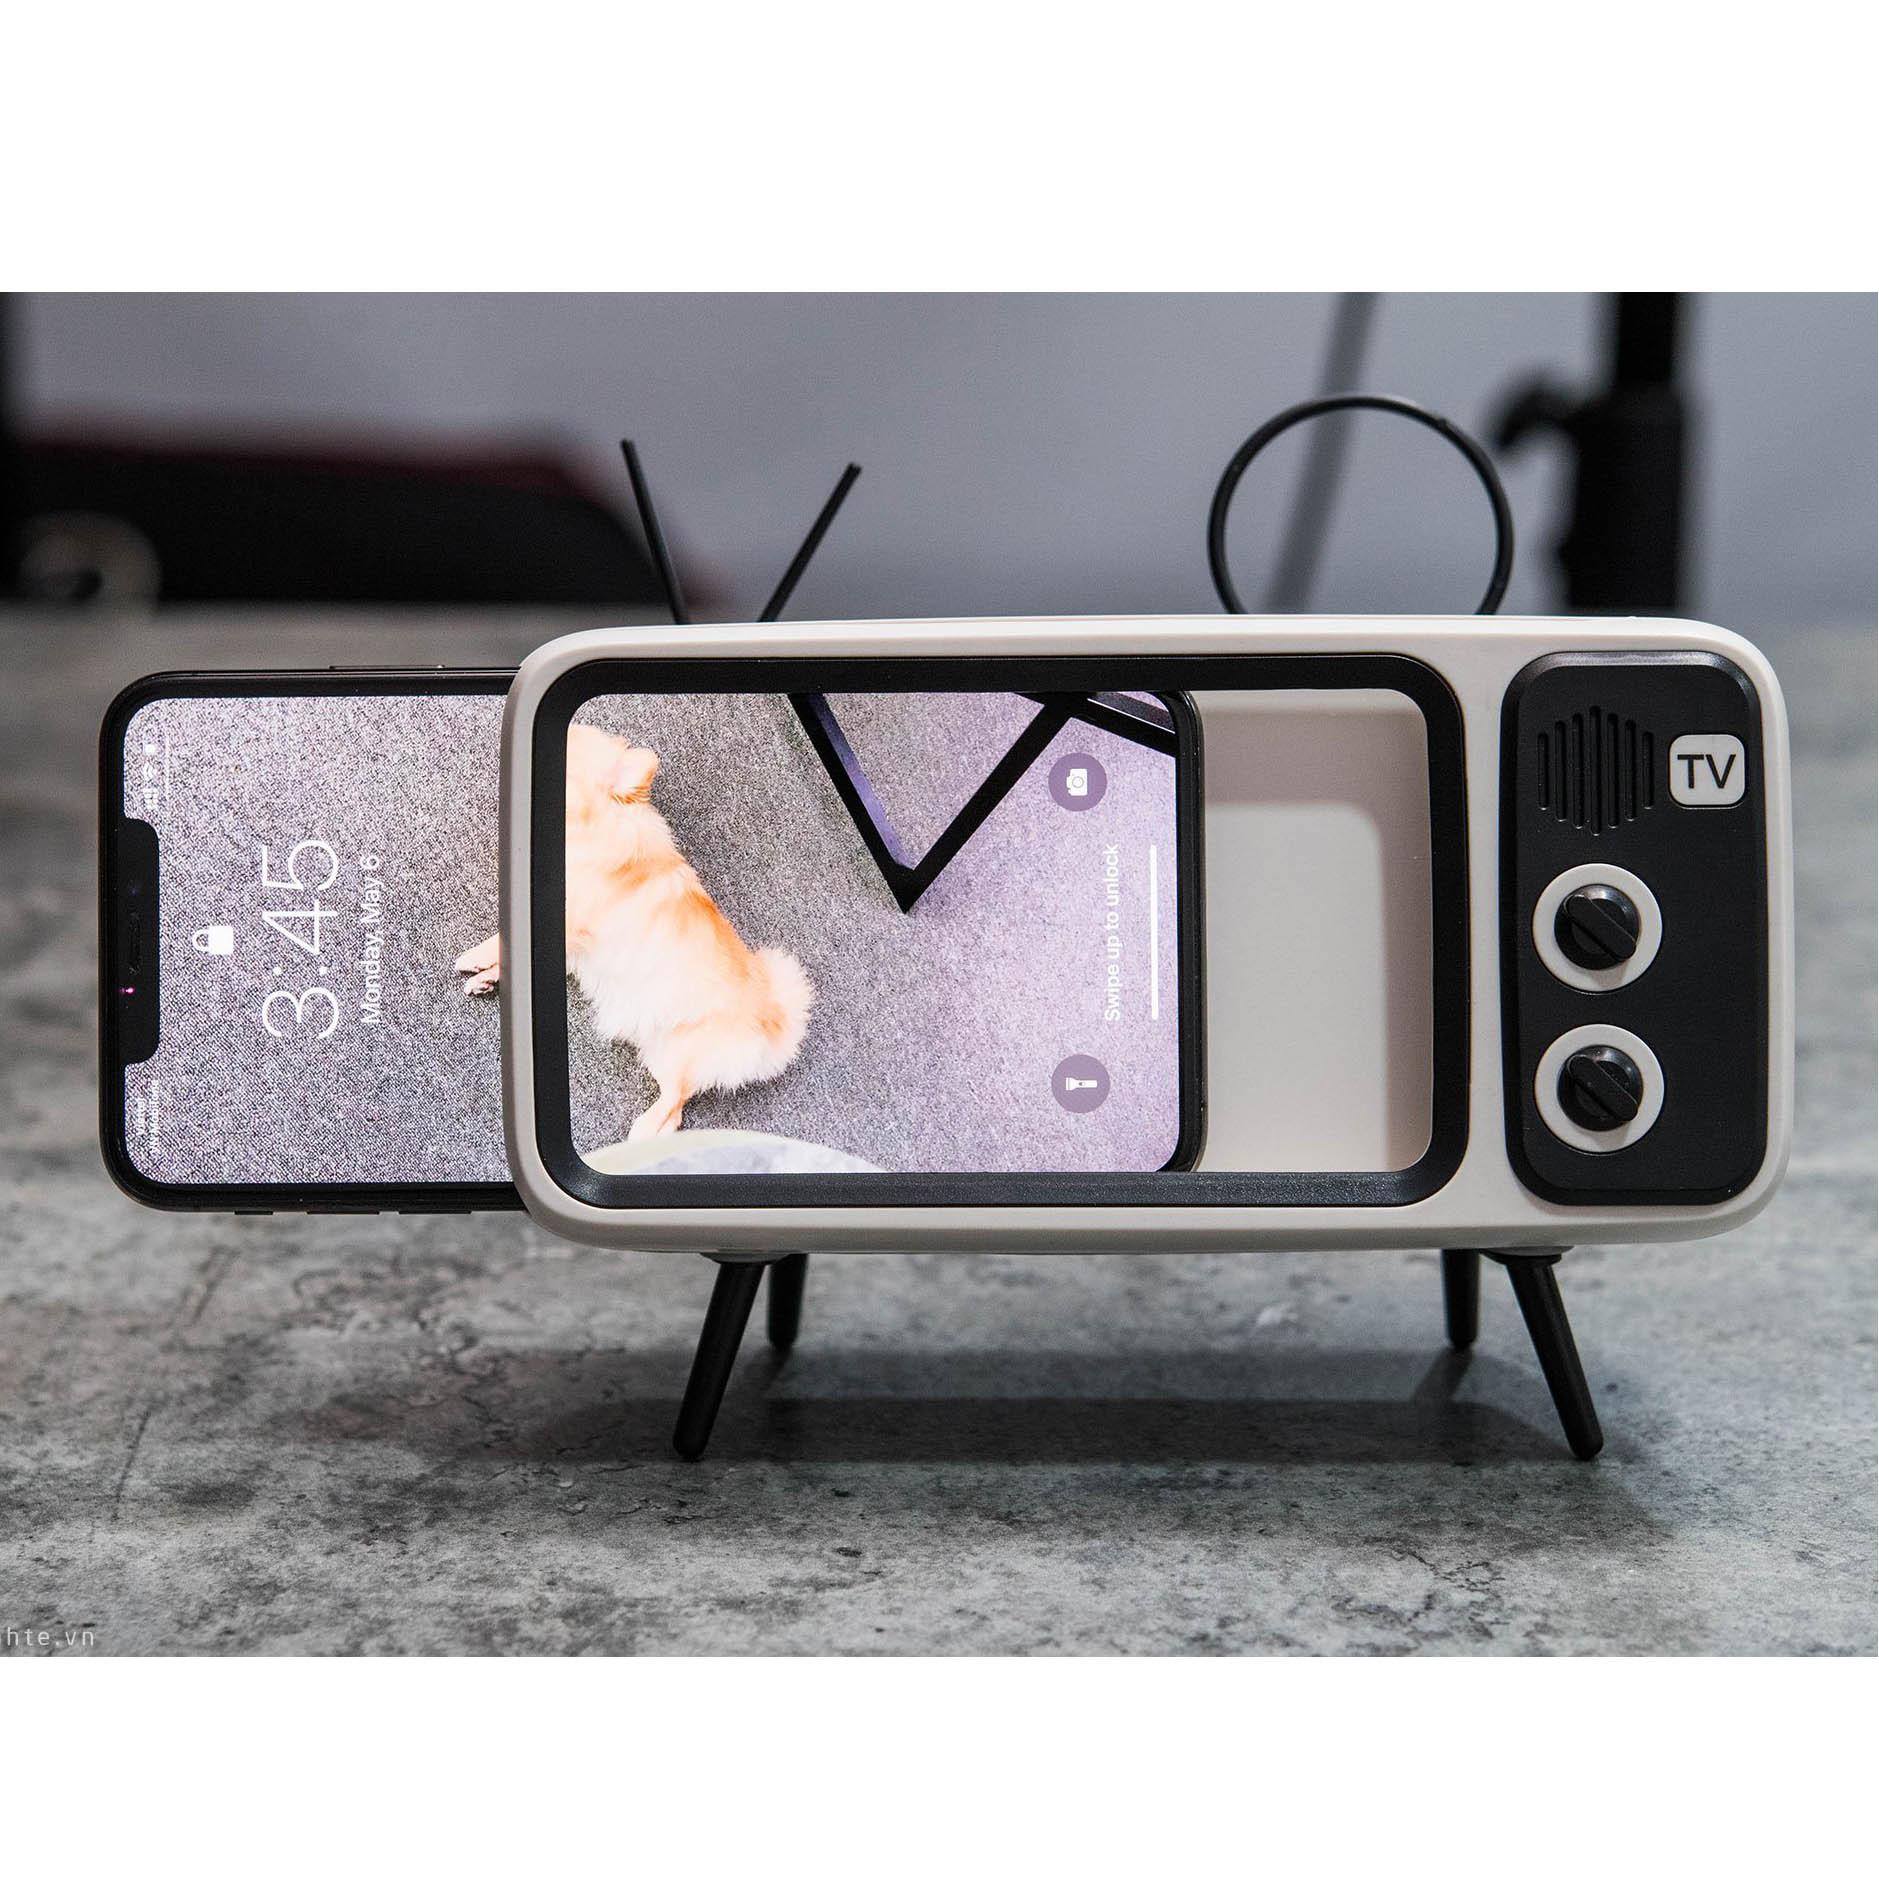 Loa bluetooth kiêm giá đỡ điện thoại hình tivi cổ điển (Giao màu ngẫu nhiên)